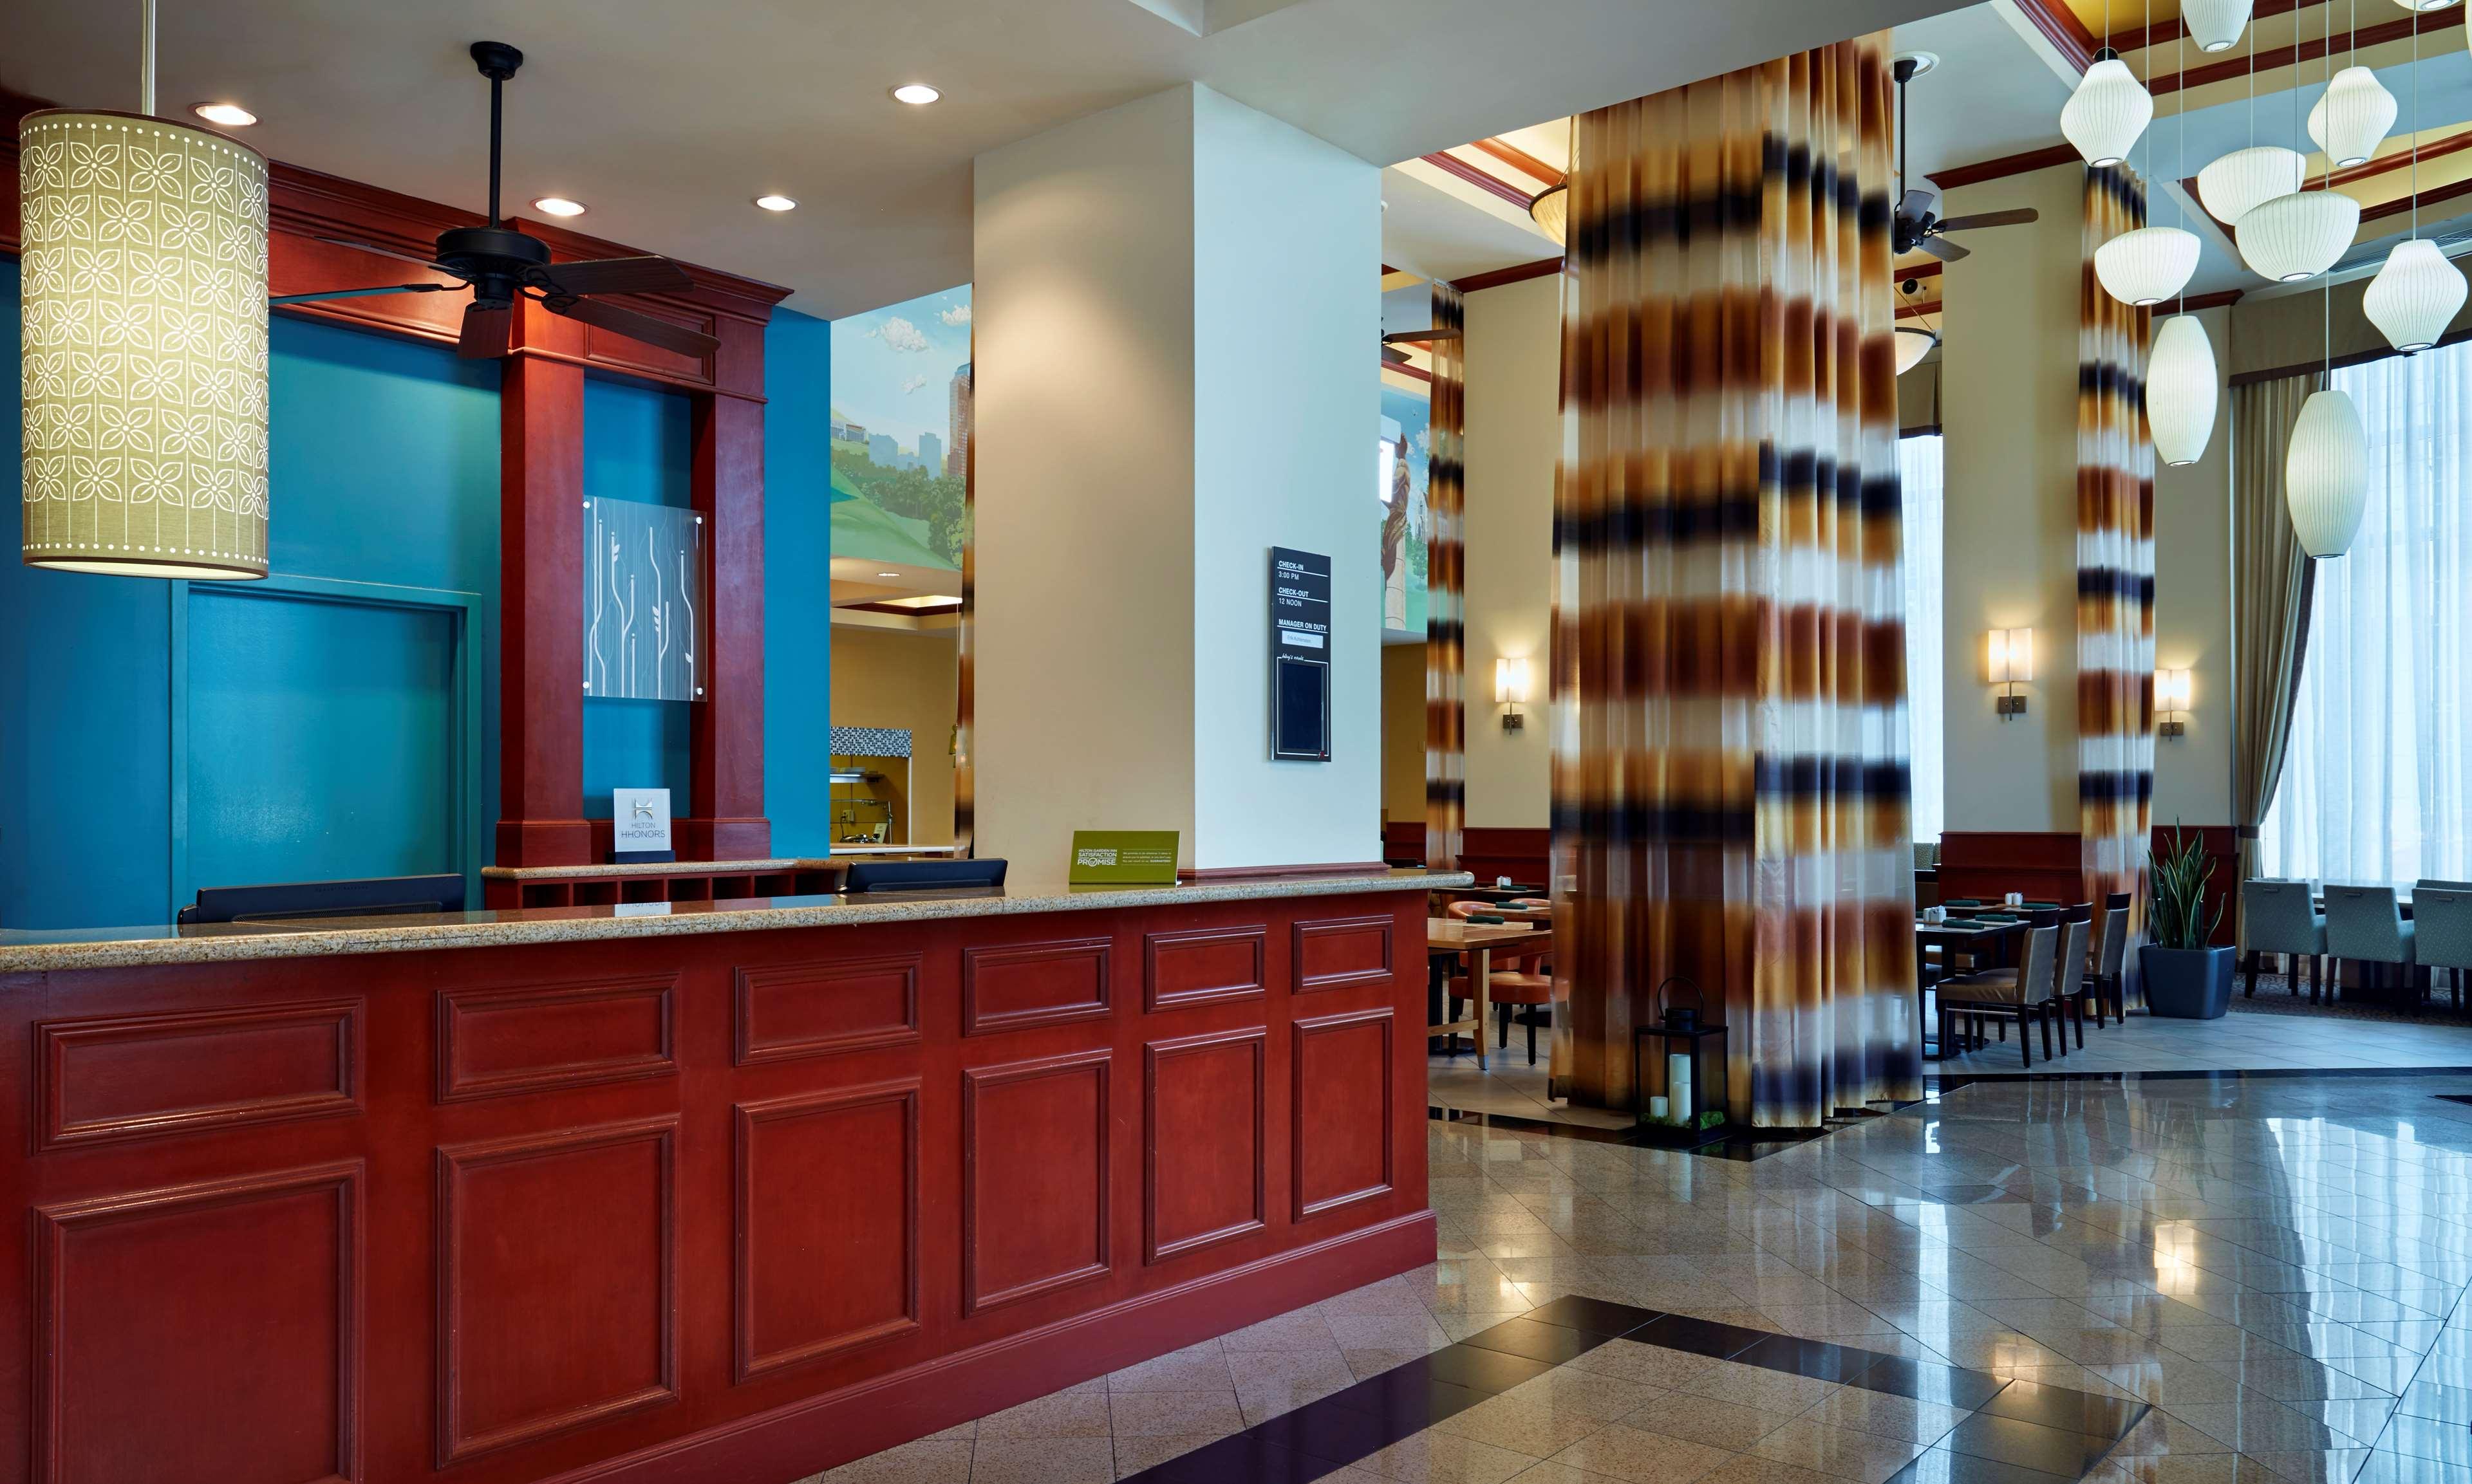 Hilton Garden Inn Charlotte Uptown image 3